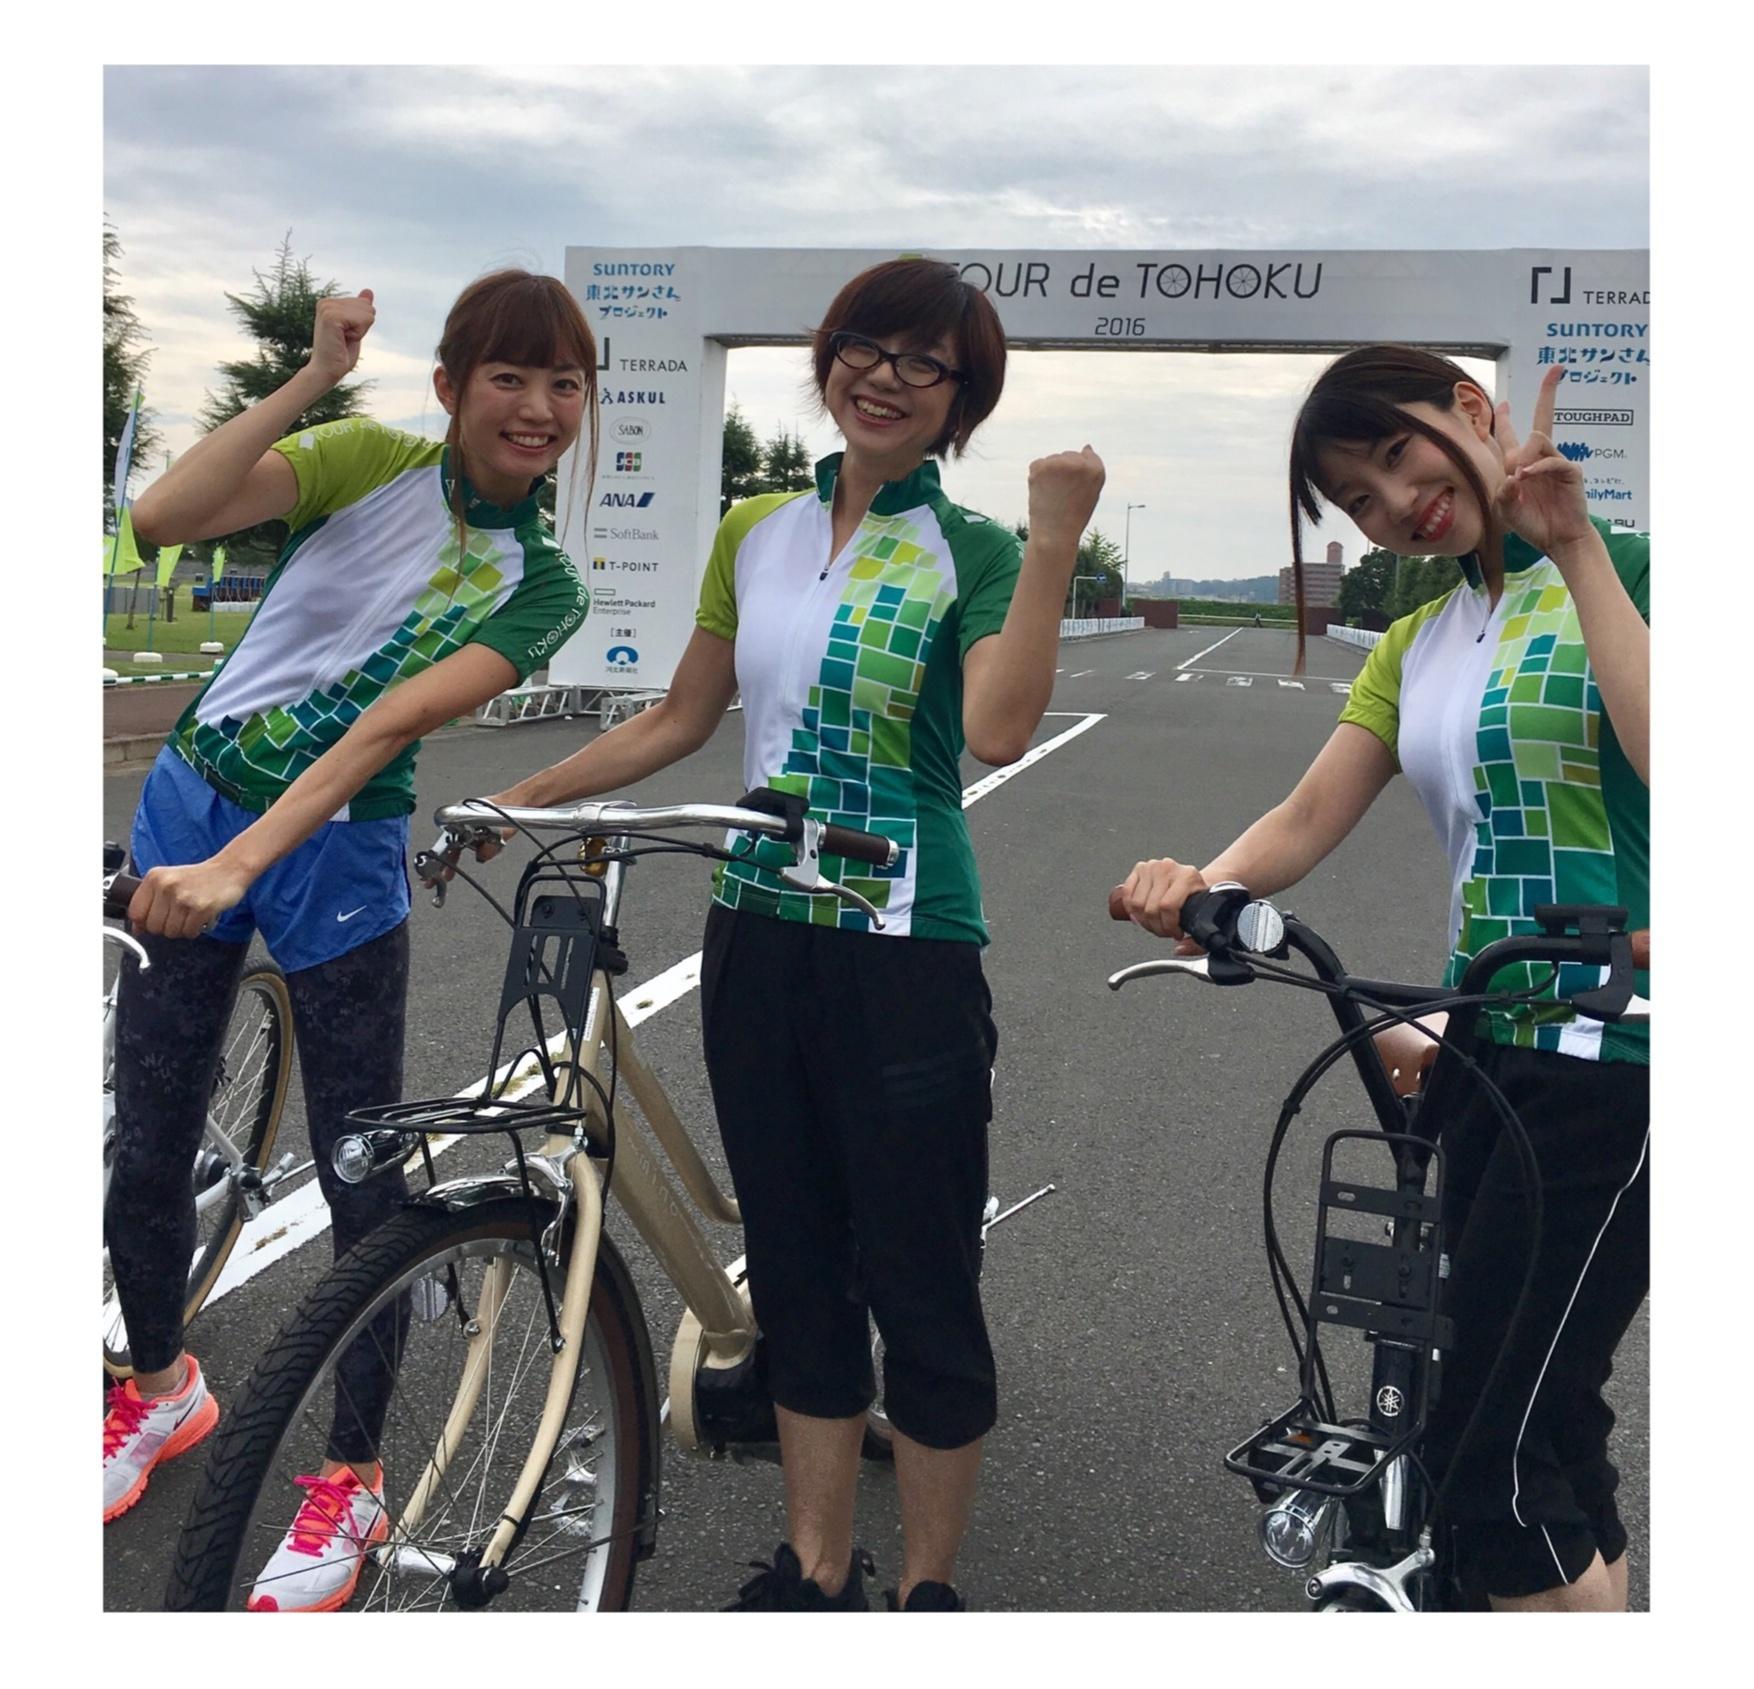 【MORE12月号】ツール・ド・東北2016☺石巻を電動自転車でラクラク周遊しちゃいました♪_1